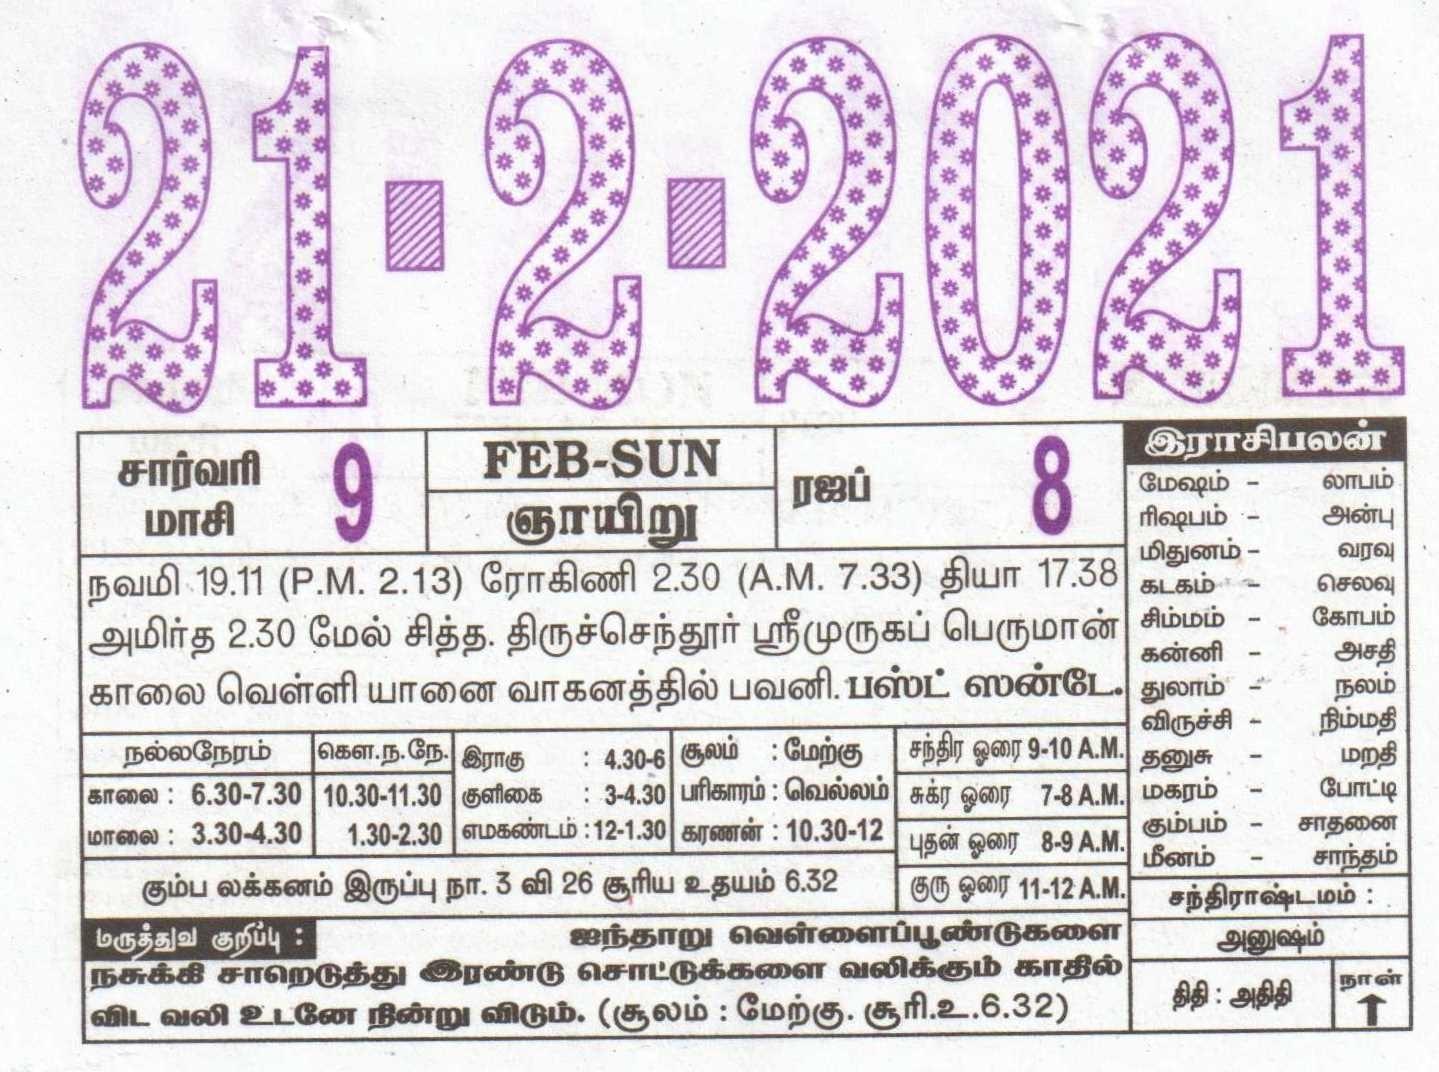 21-02-2021 Daily Calendar | Date 21 , January Daily Tear Off Calendar | Daily Panchangam Rasi Palan